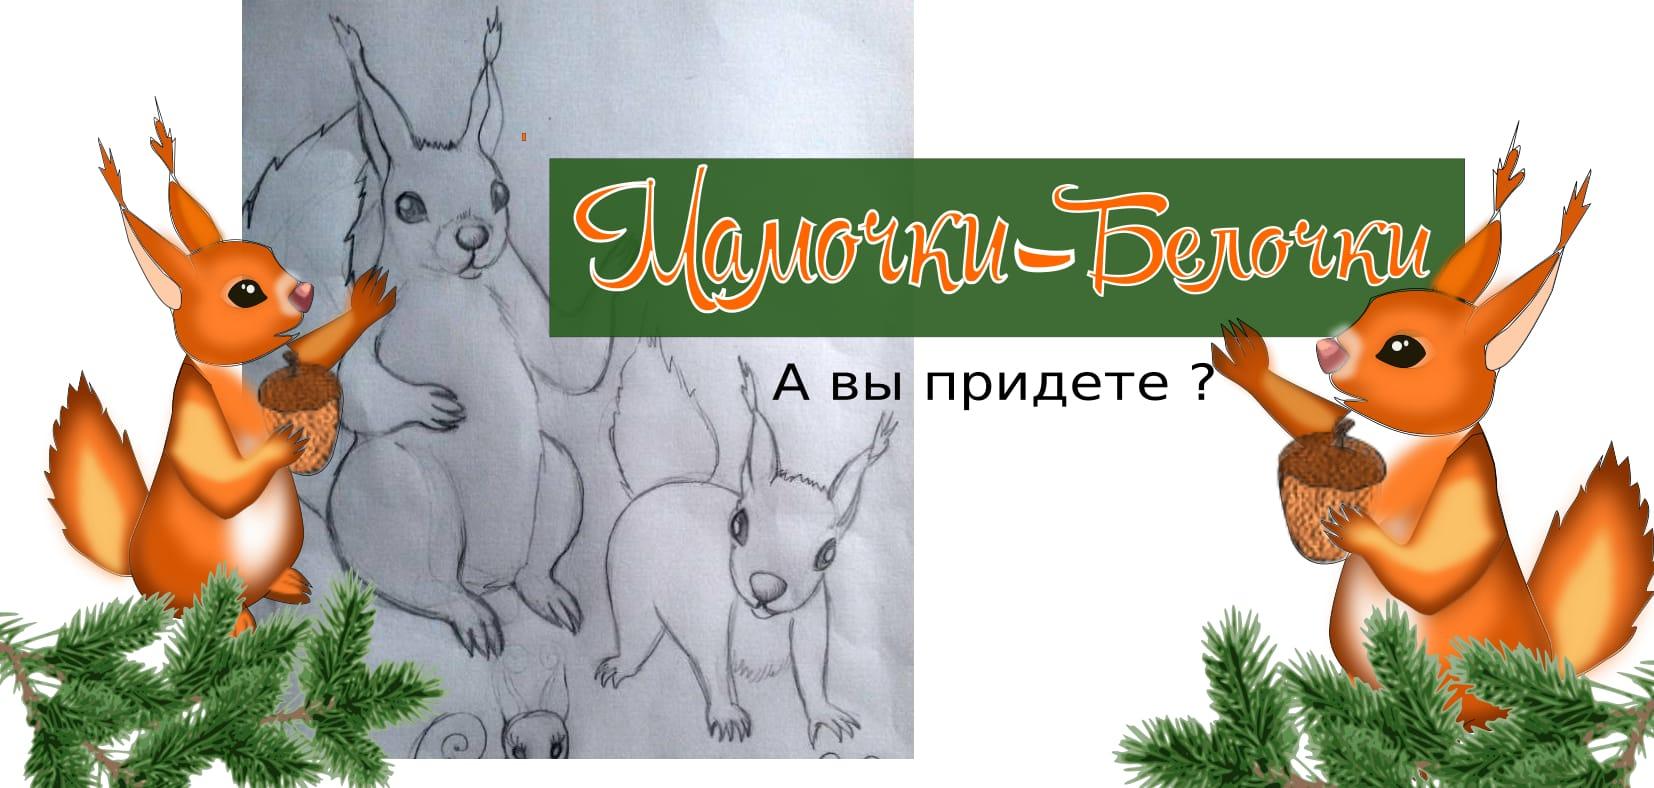 Конкурс на создание макета визиток сообщества мам (белочки). фото f_95359b7d866e0645.jpg